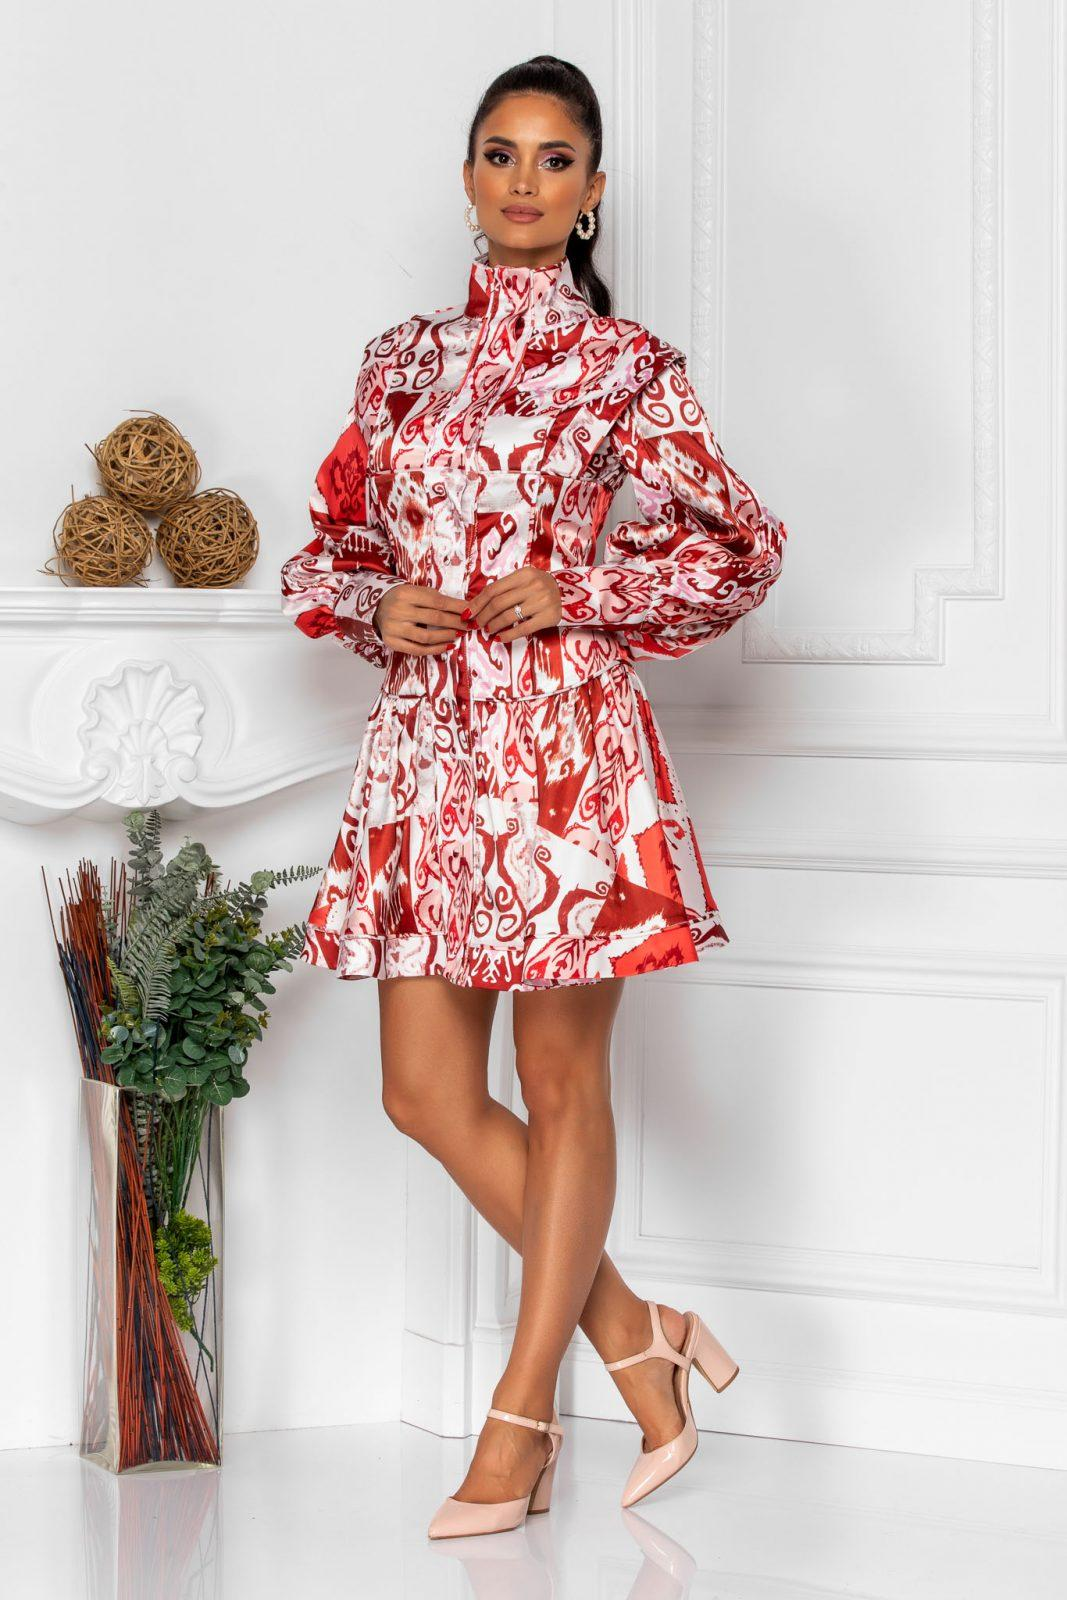 Μίνι Κεραμιδί Σατέν Φόρεμα Με Μανίκι Sandra 8302